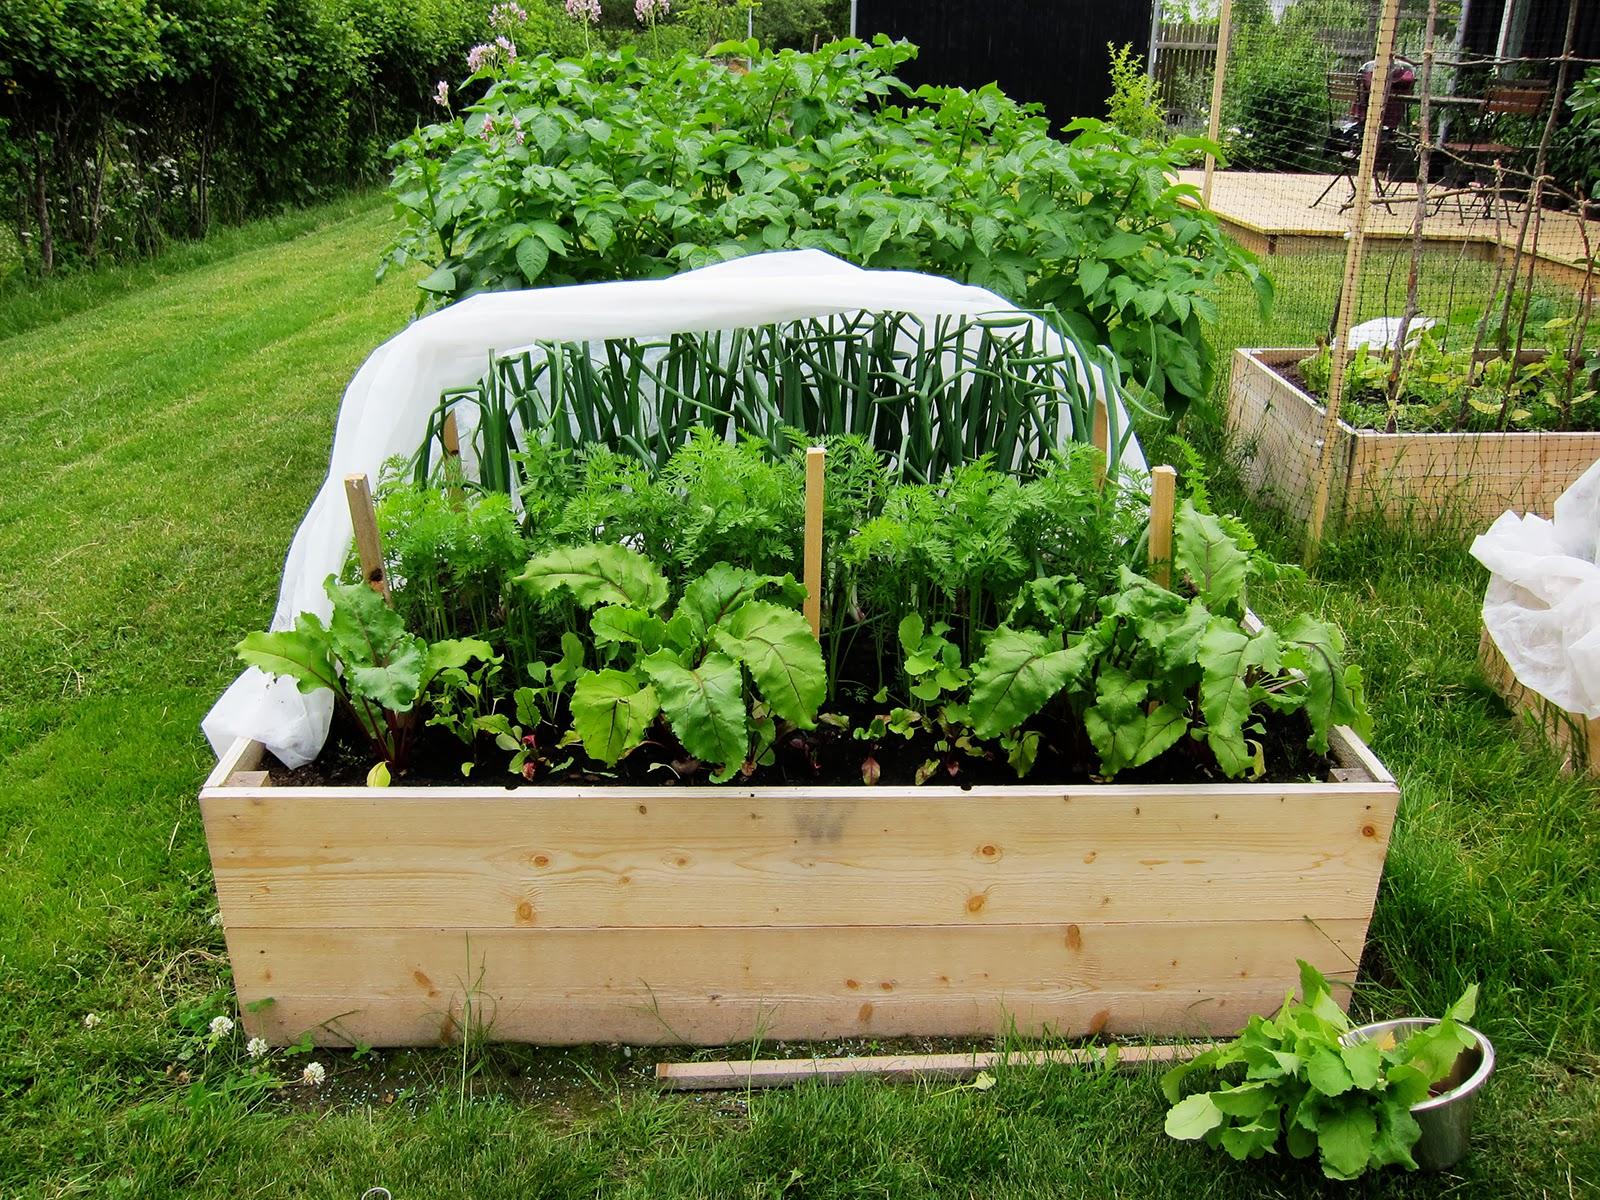 trolles garden 2010 rabatter och odlingsb ddar. Black Bedroom Furniture Sets. Home Design Ideas